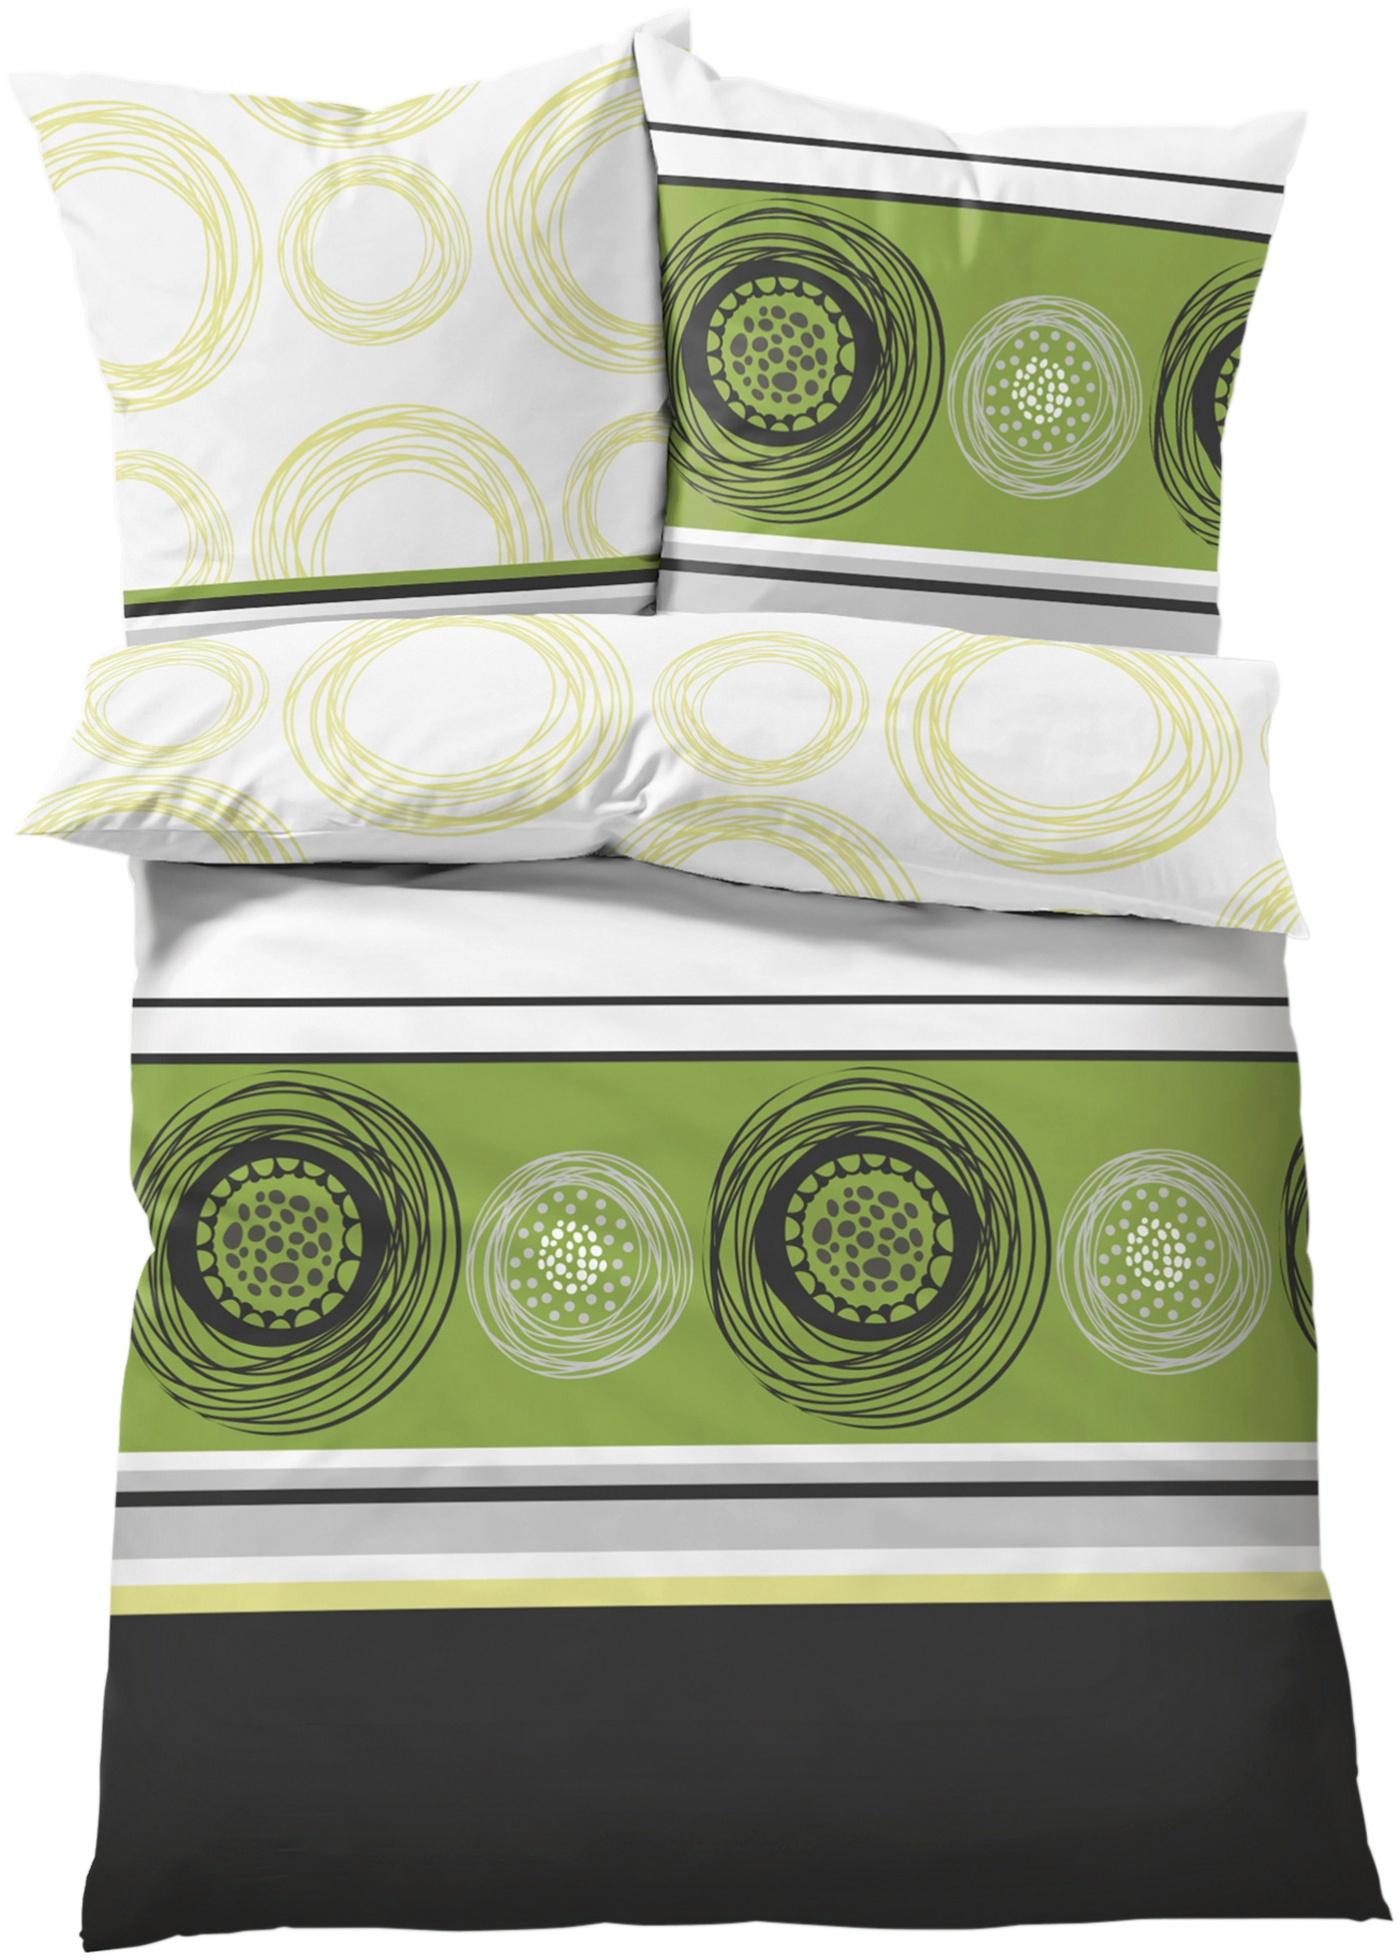 Magnifique parure de lit imprimée à motif moderne combinant rayures et cercles géométriques. Effet chic. Différentes qualités de coton au choix. Disponible en parure 2 ou 4 pces. et en taille supérieure XXL.